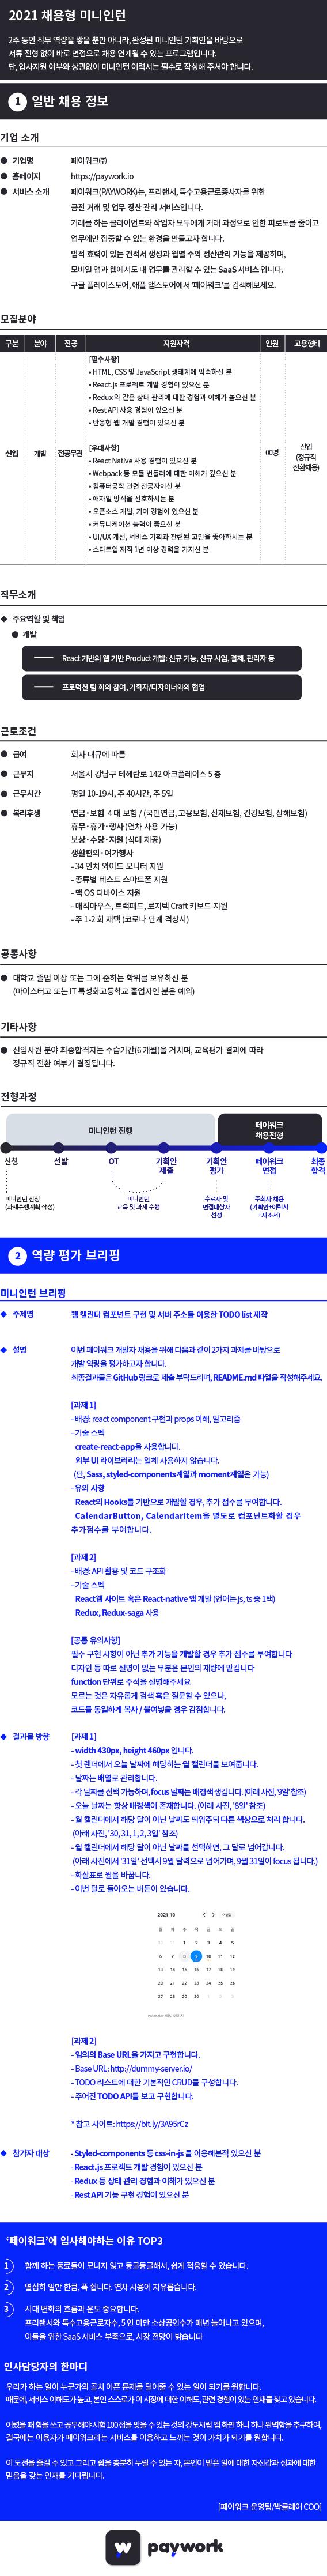 페이워크_채용형미니인턴_랜딩페이지_수정